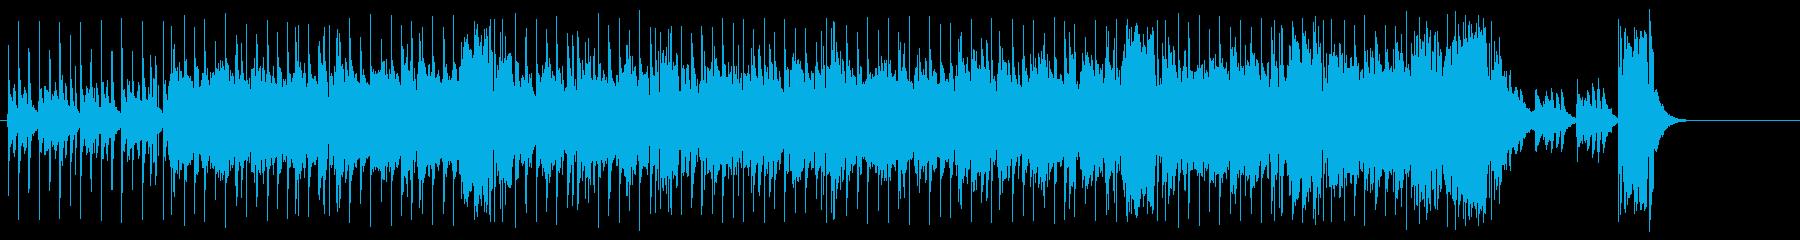 天気予報のB.G.M.向けの再生済みの波形